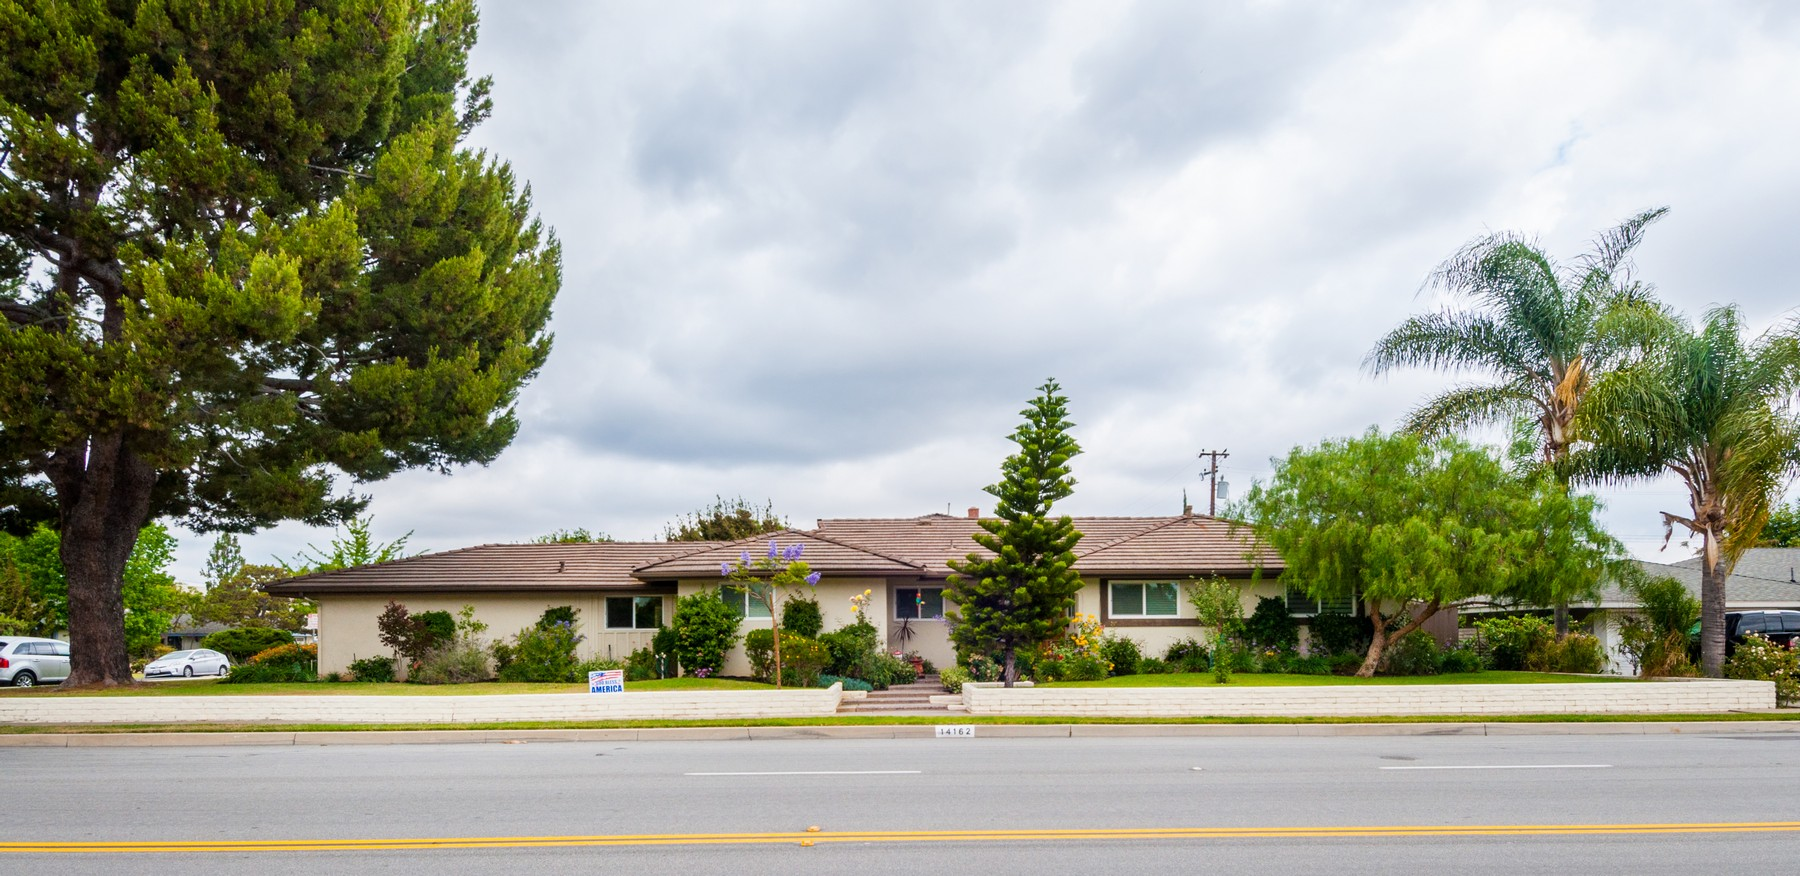 단독 가정 주택 용 매매 에 14162 Prospect Ave Tustin, 캘리포니아, 92780 미국